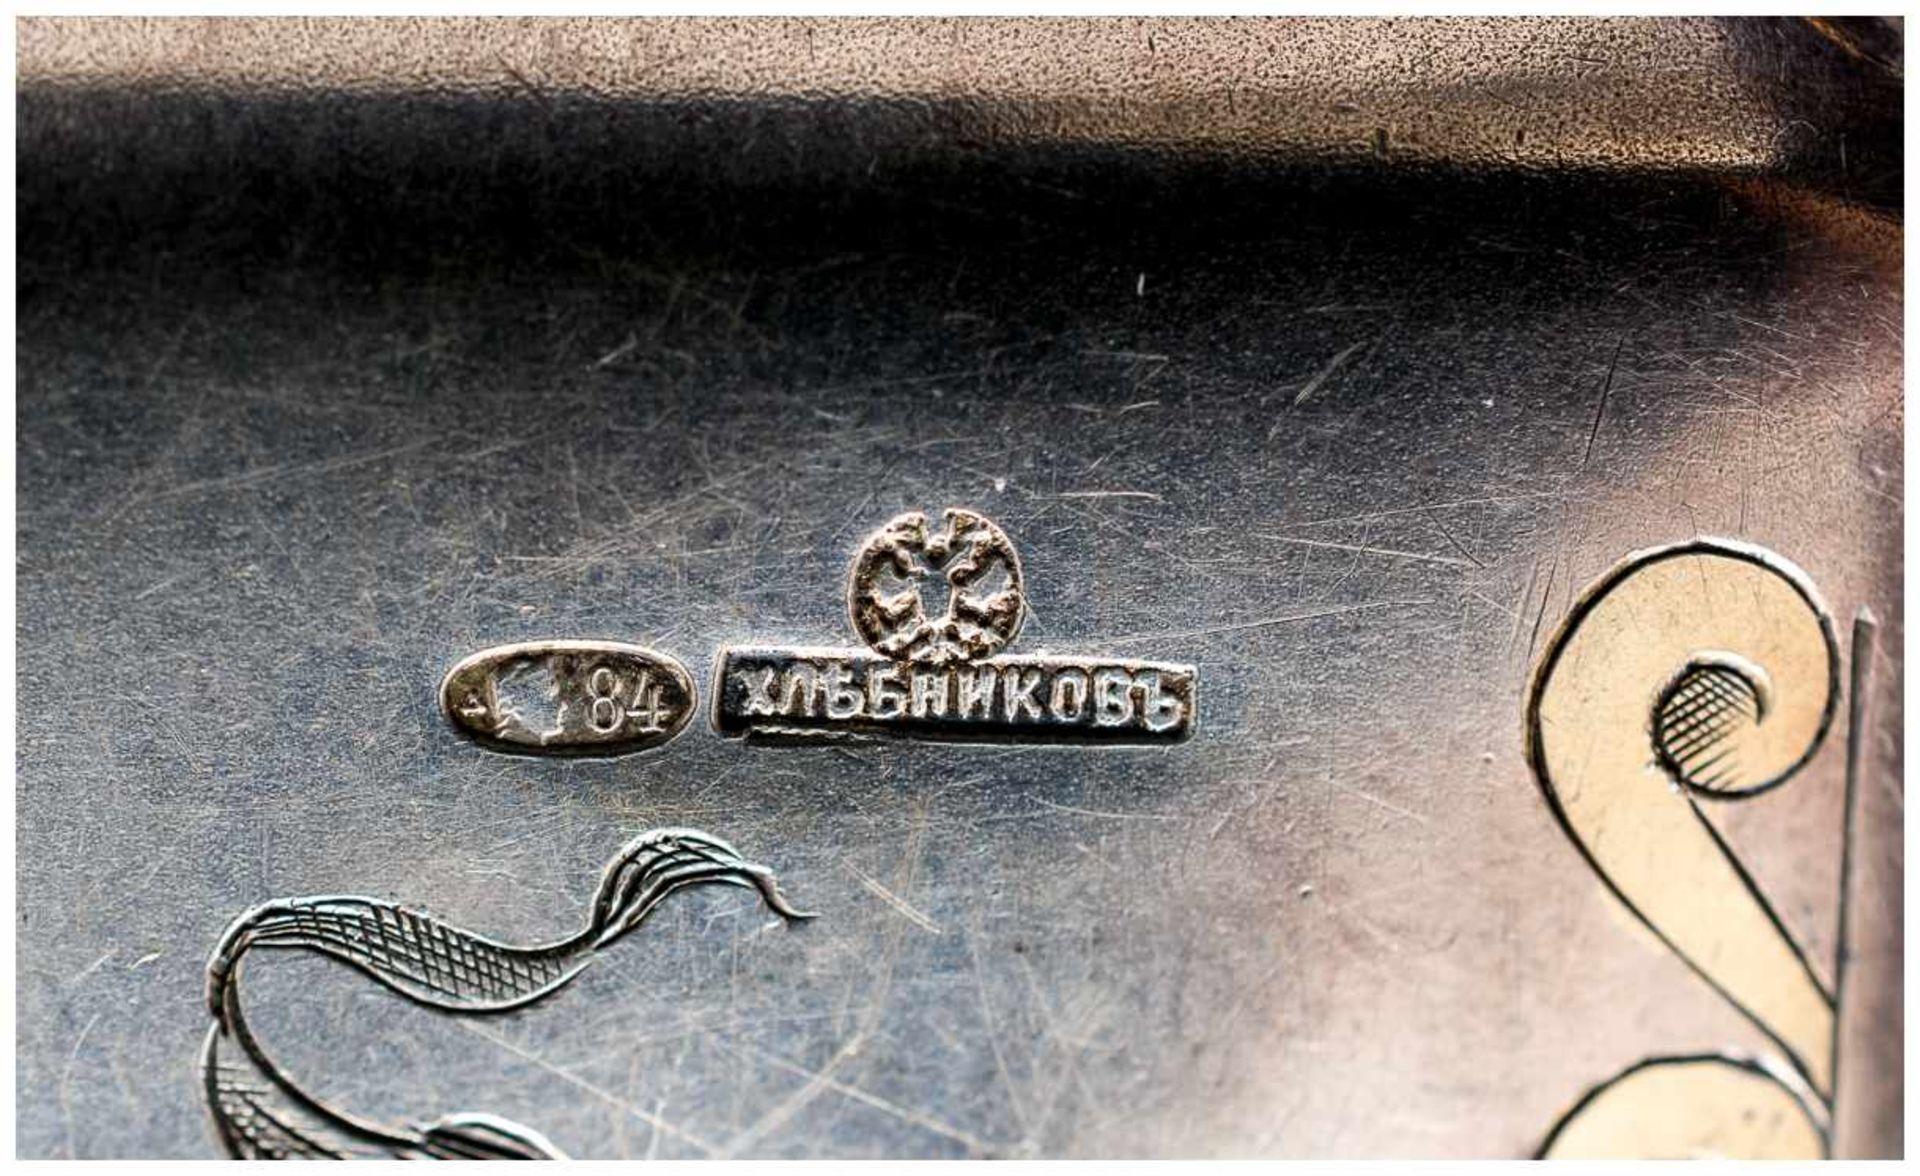 Abendtasche Moskau, 1908 - 1917 Silber, 124g Meister: Khlebnikov 6,5 x 11 cm Ladies Opera Purse // - Bild 3 aus 3